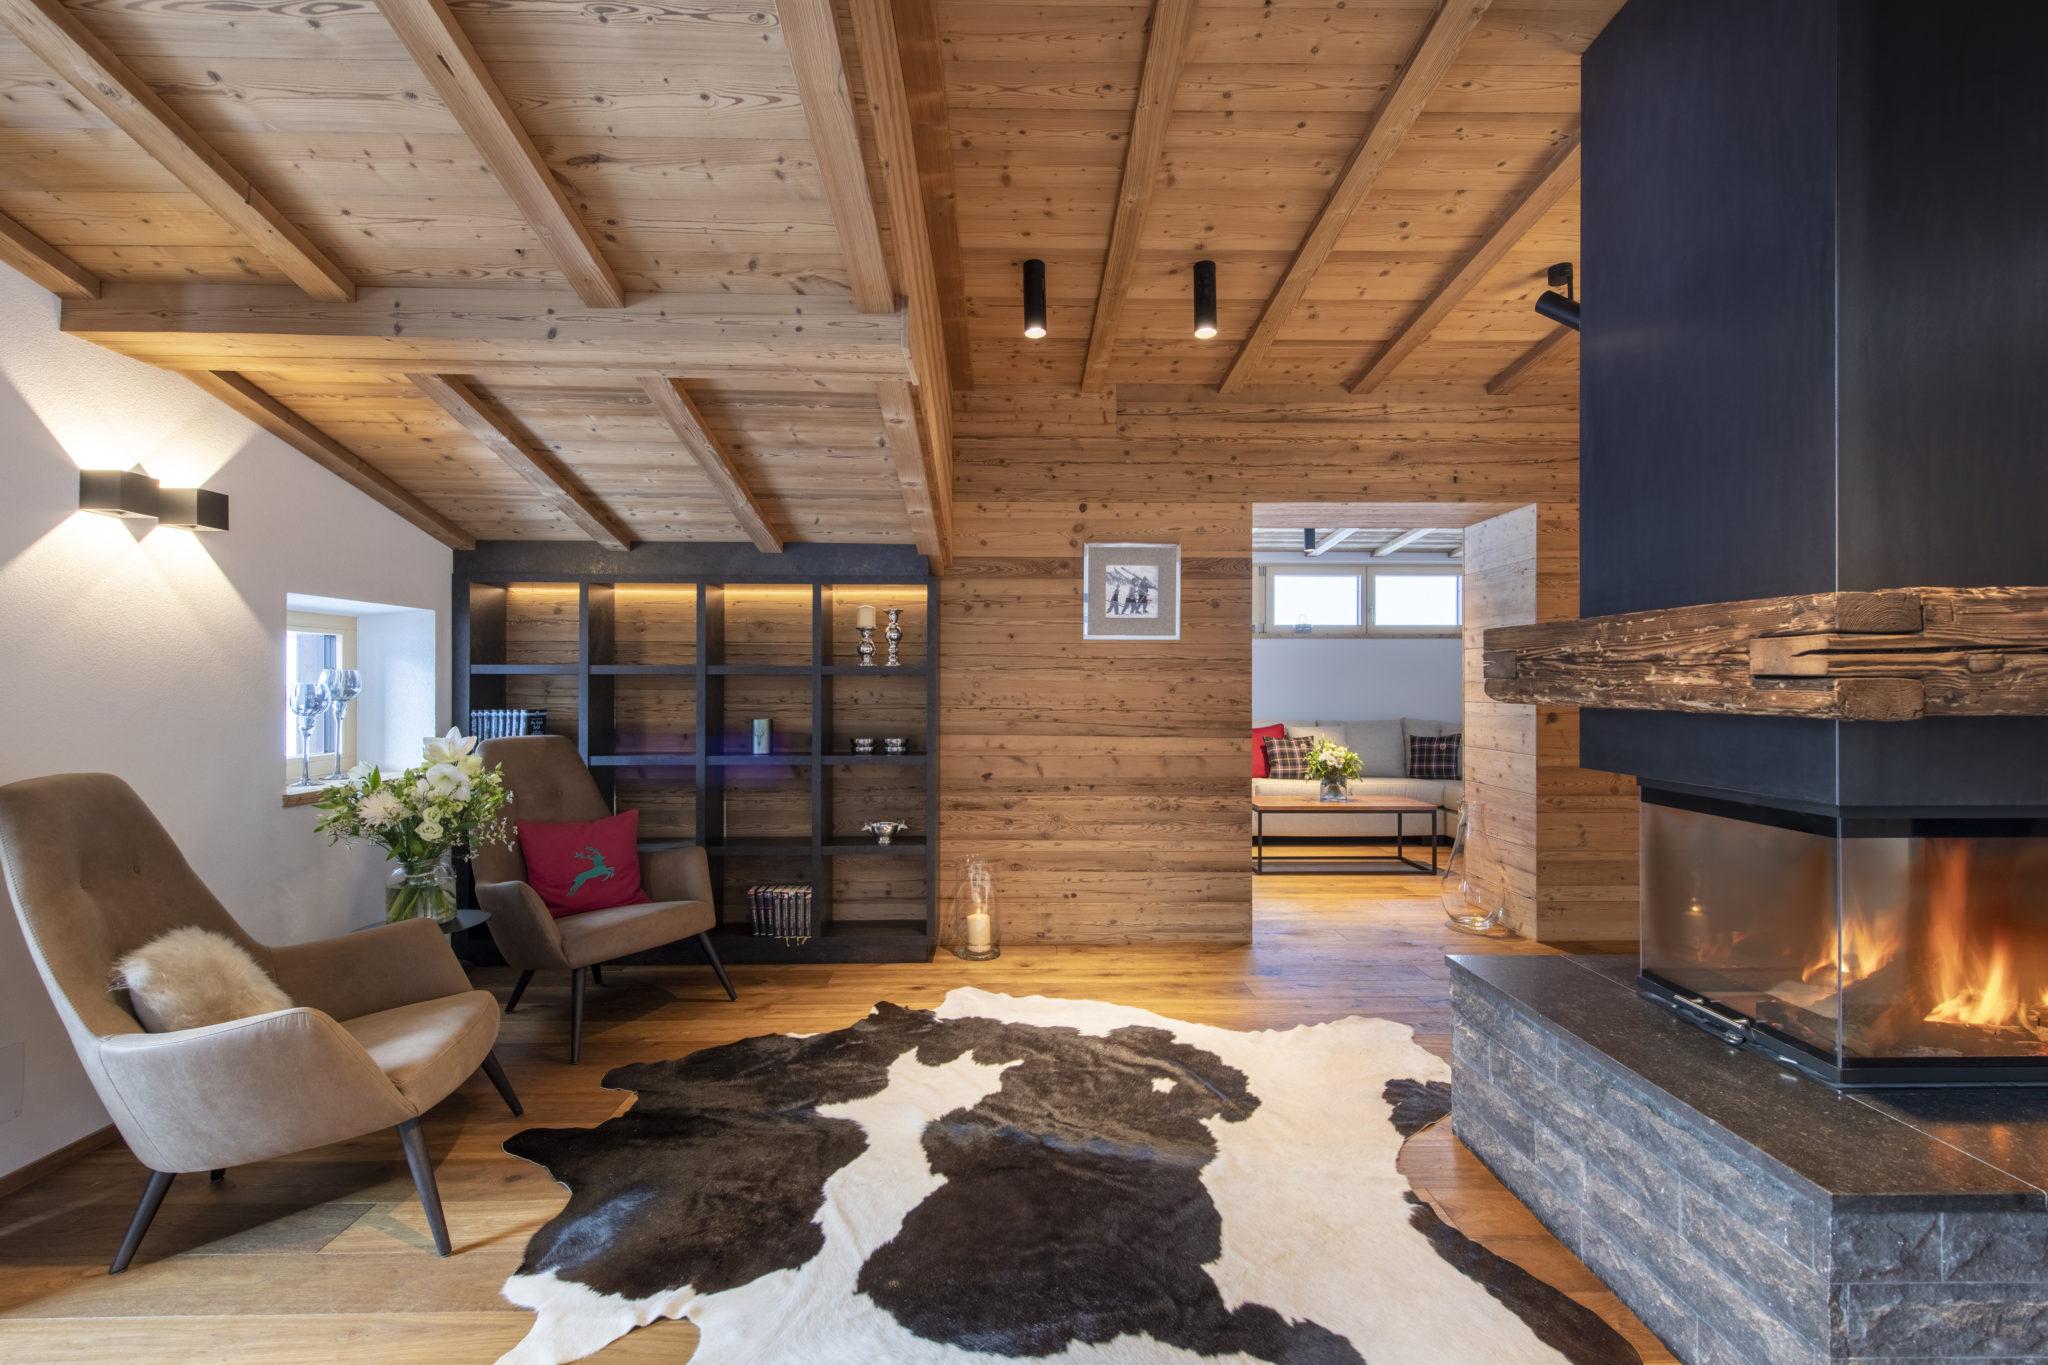 bhlhof-penthouse-11420-scaled